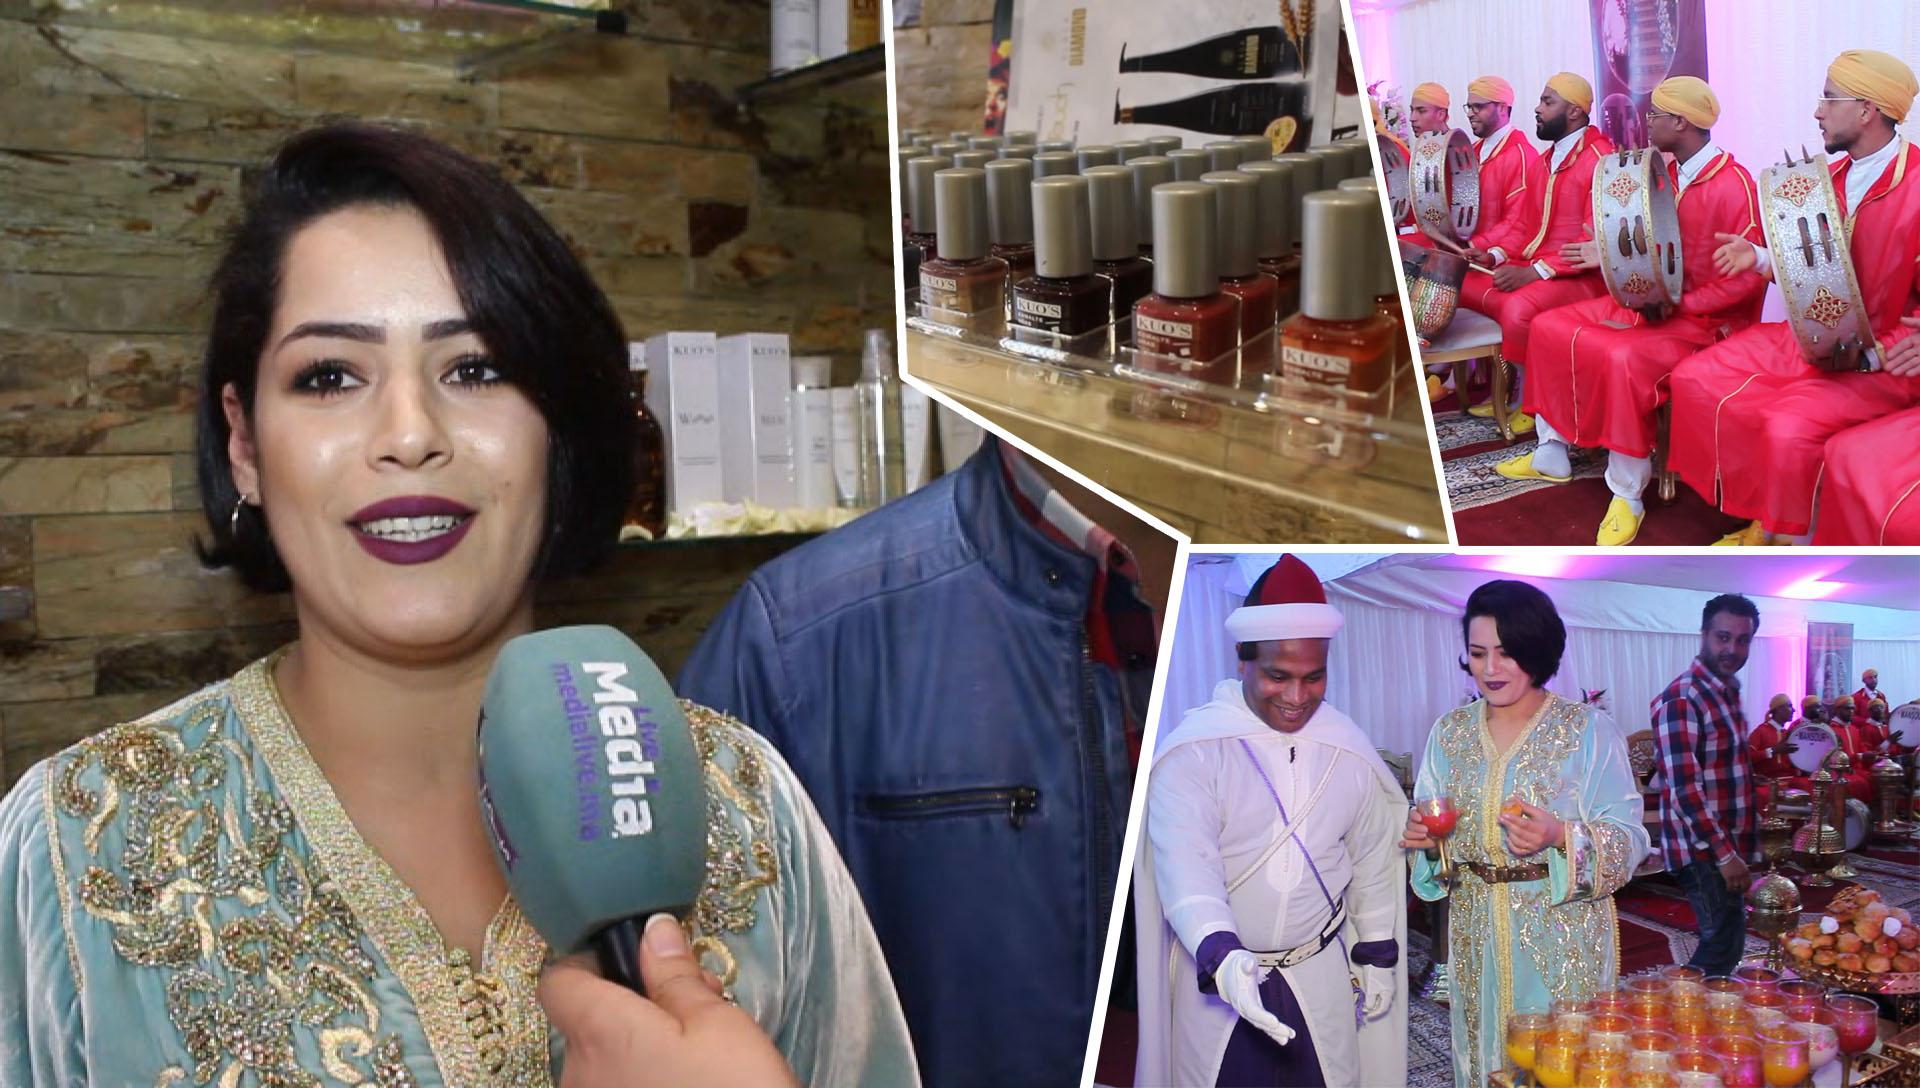 حفل افتتاح اشهر صالون للتجميل بالمحمدية بعد تجديده وتوسيعه